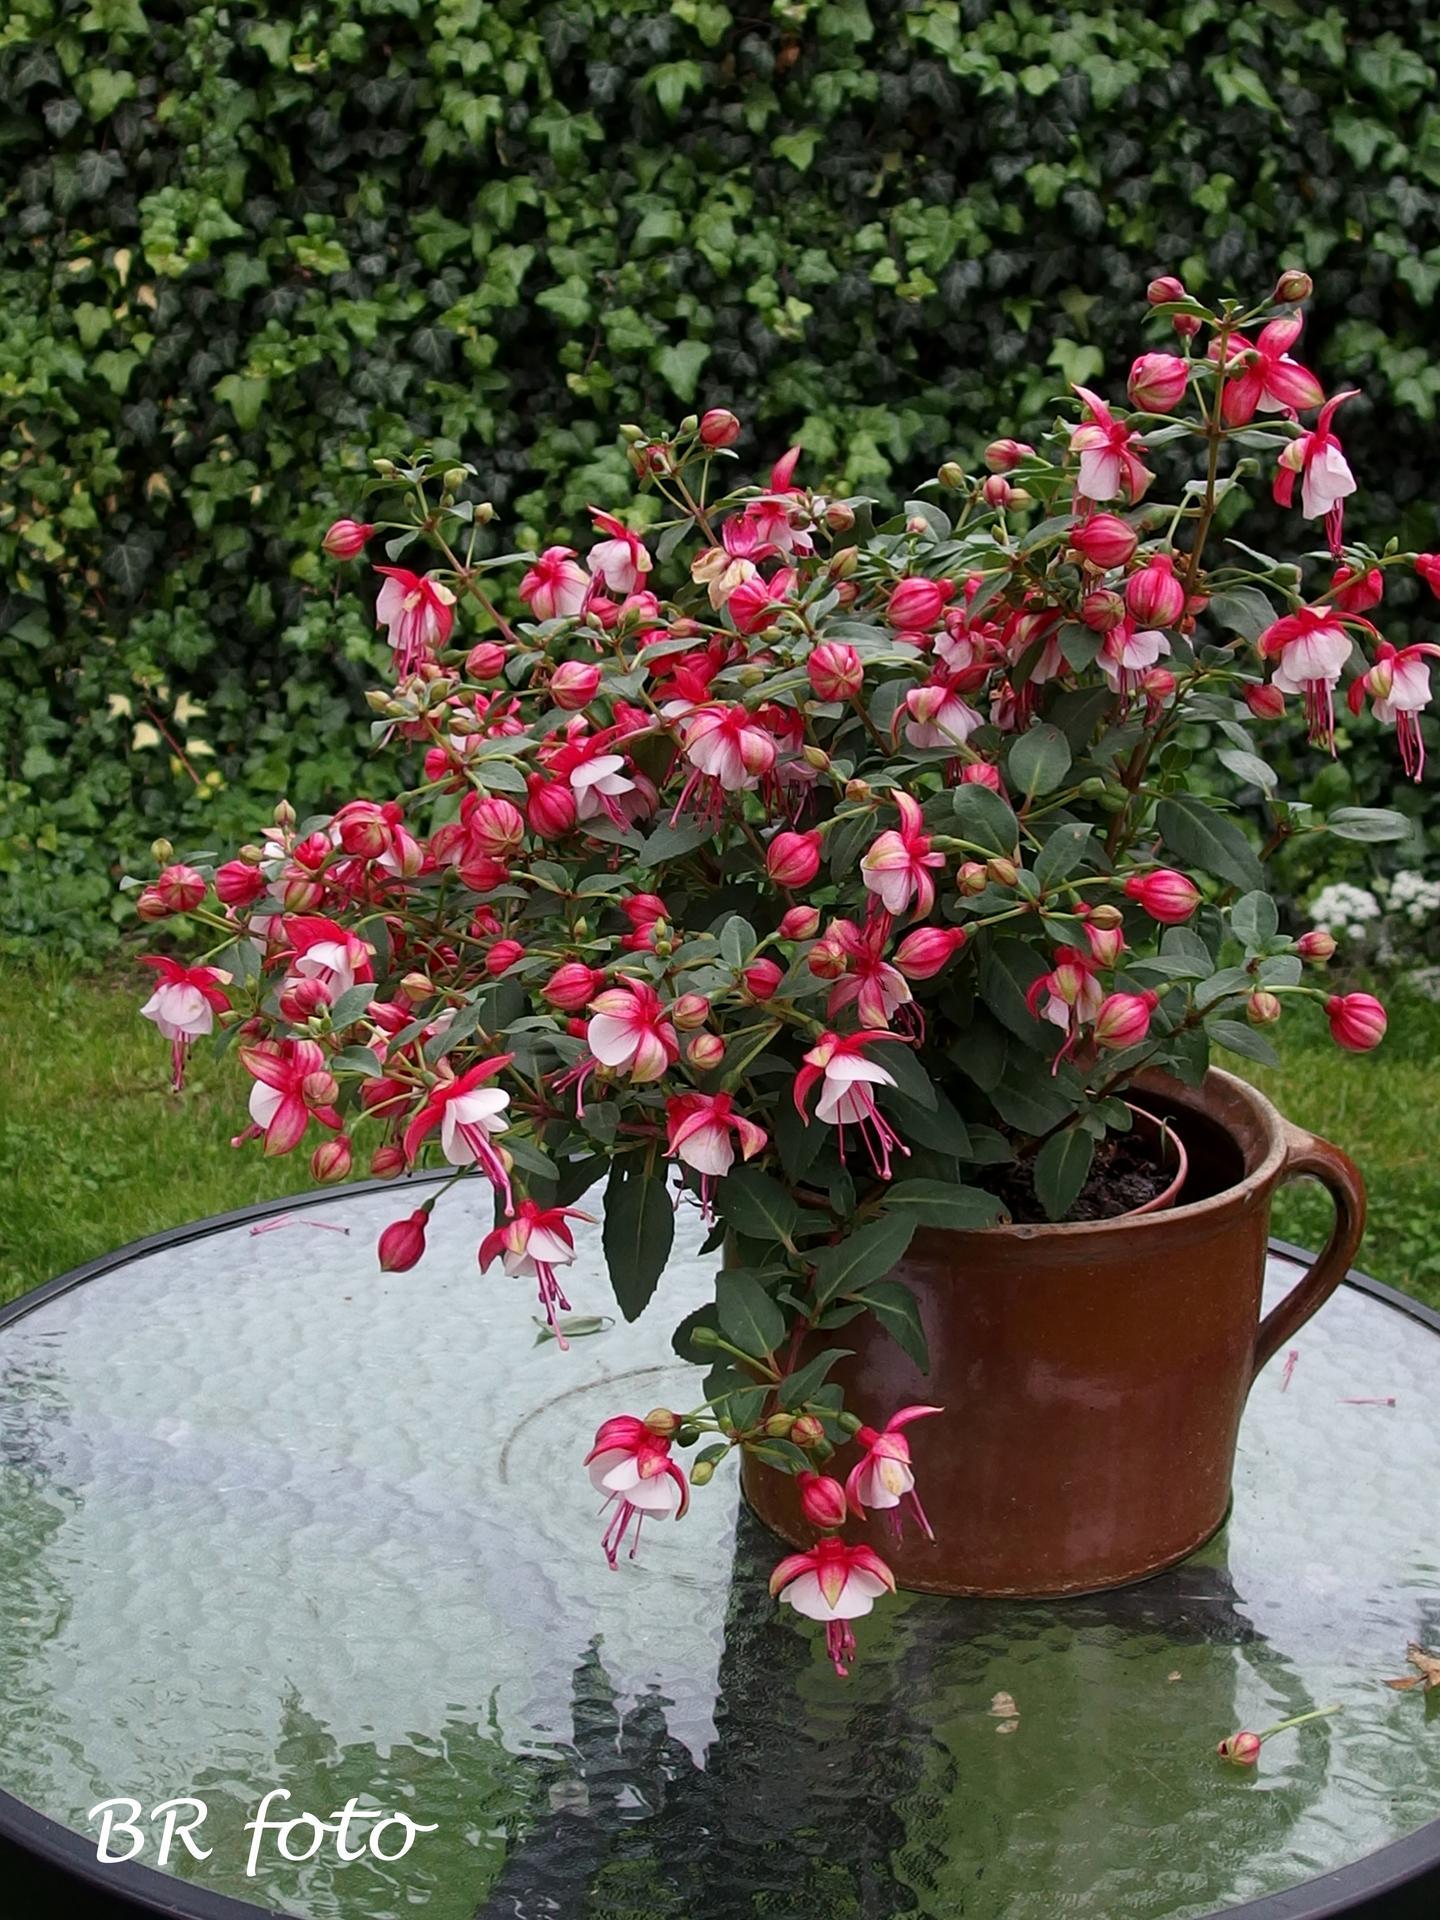 Zahrada v červnu - vše roste a kvete jako o život.... - fuchsie je teď nádherná